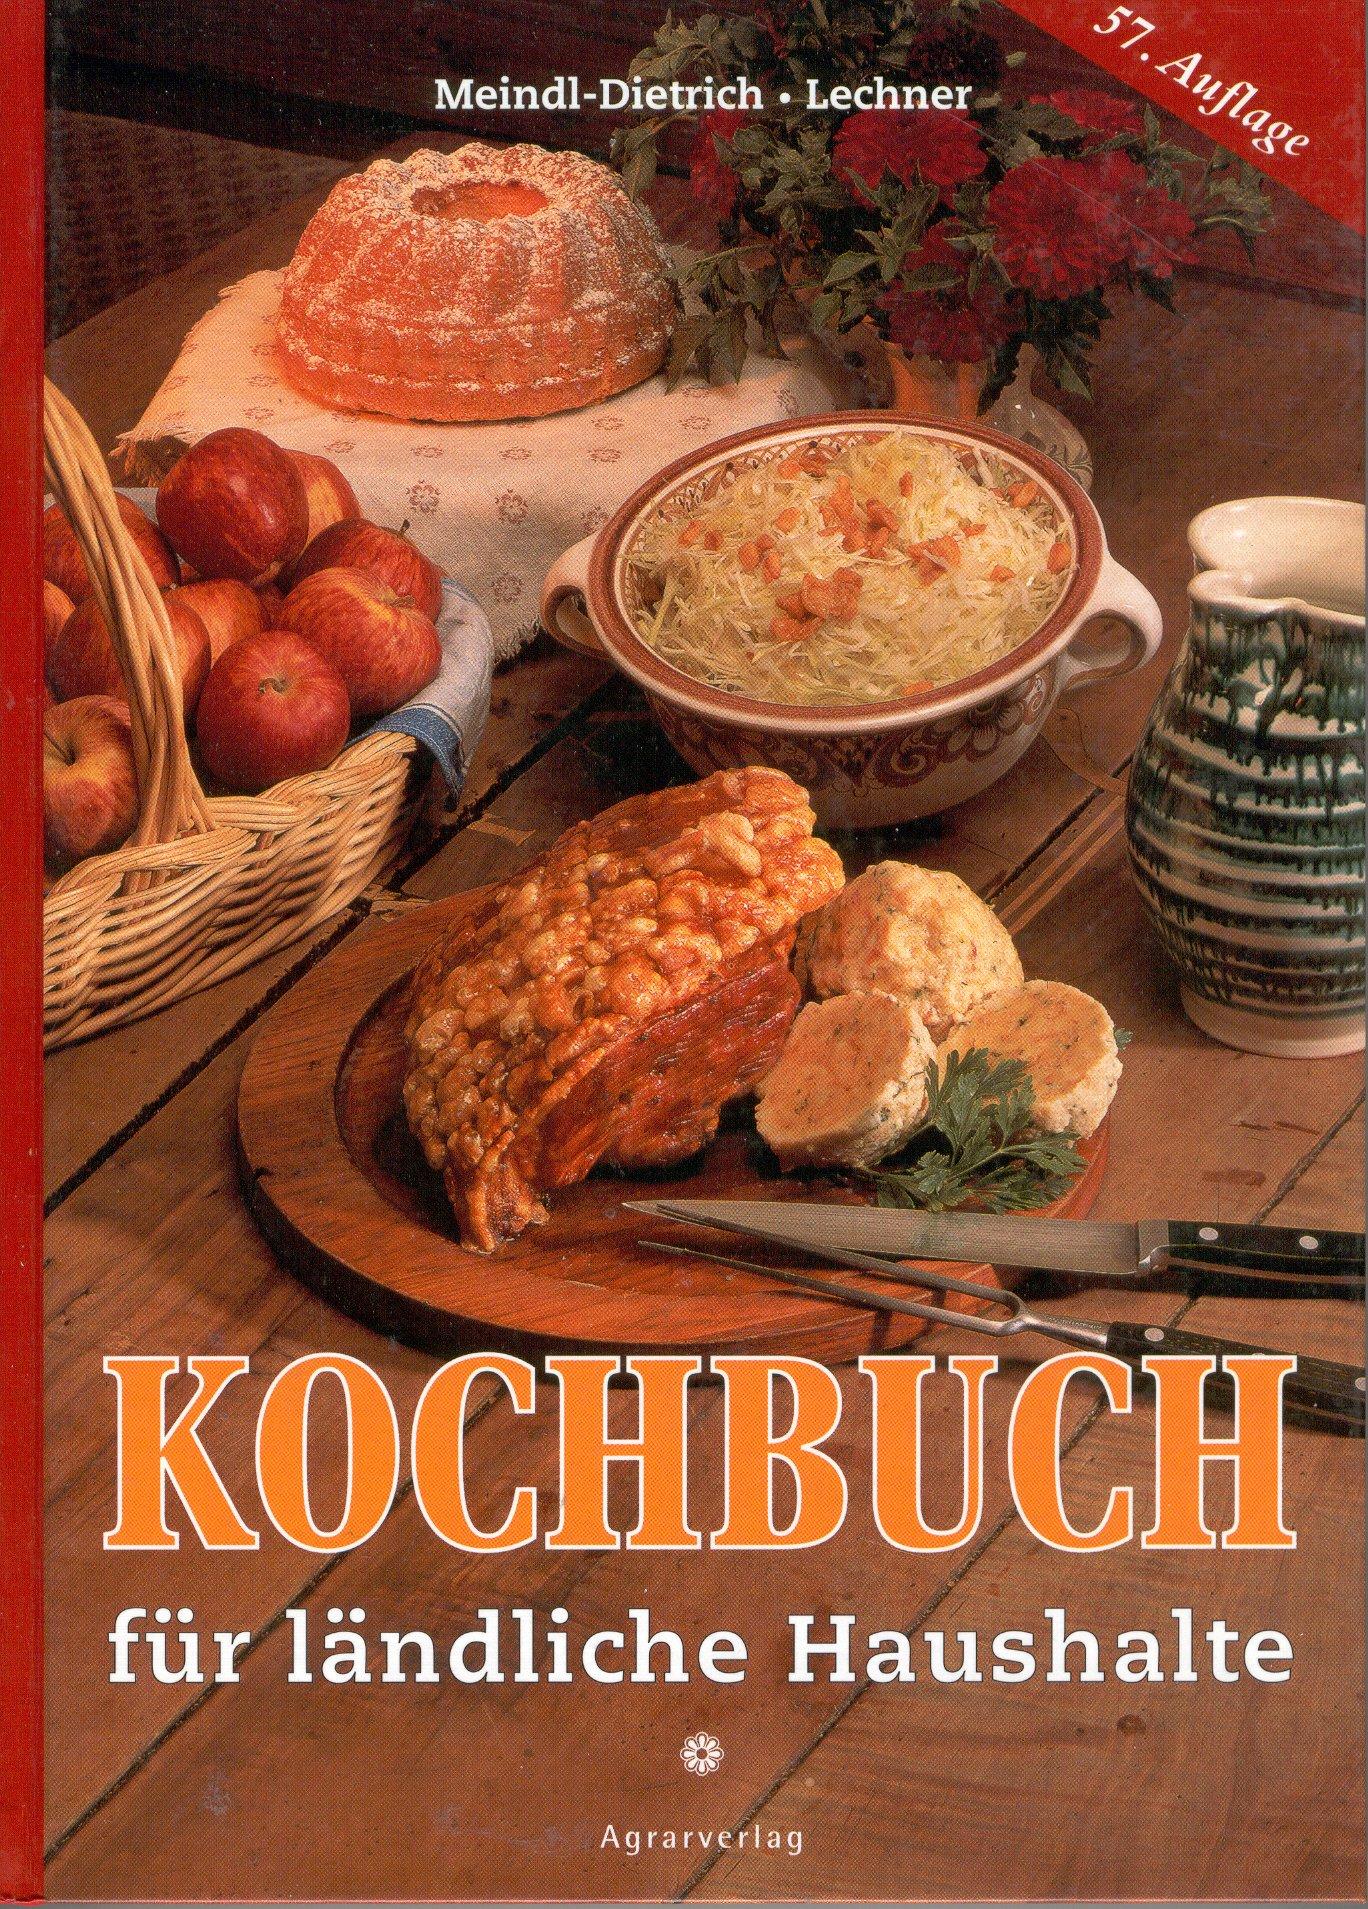 Kochbuch für ländliche Haushalte. Über 1200 Rezepte